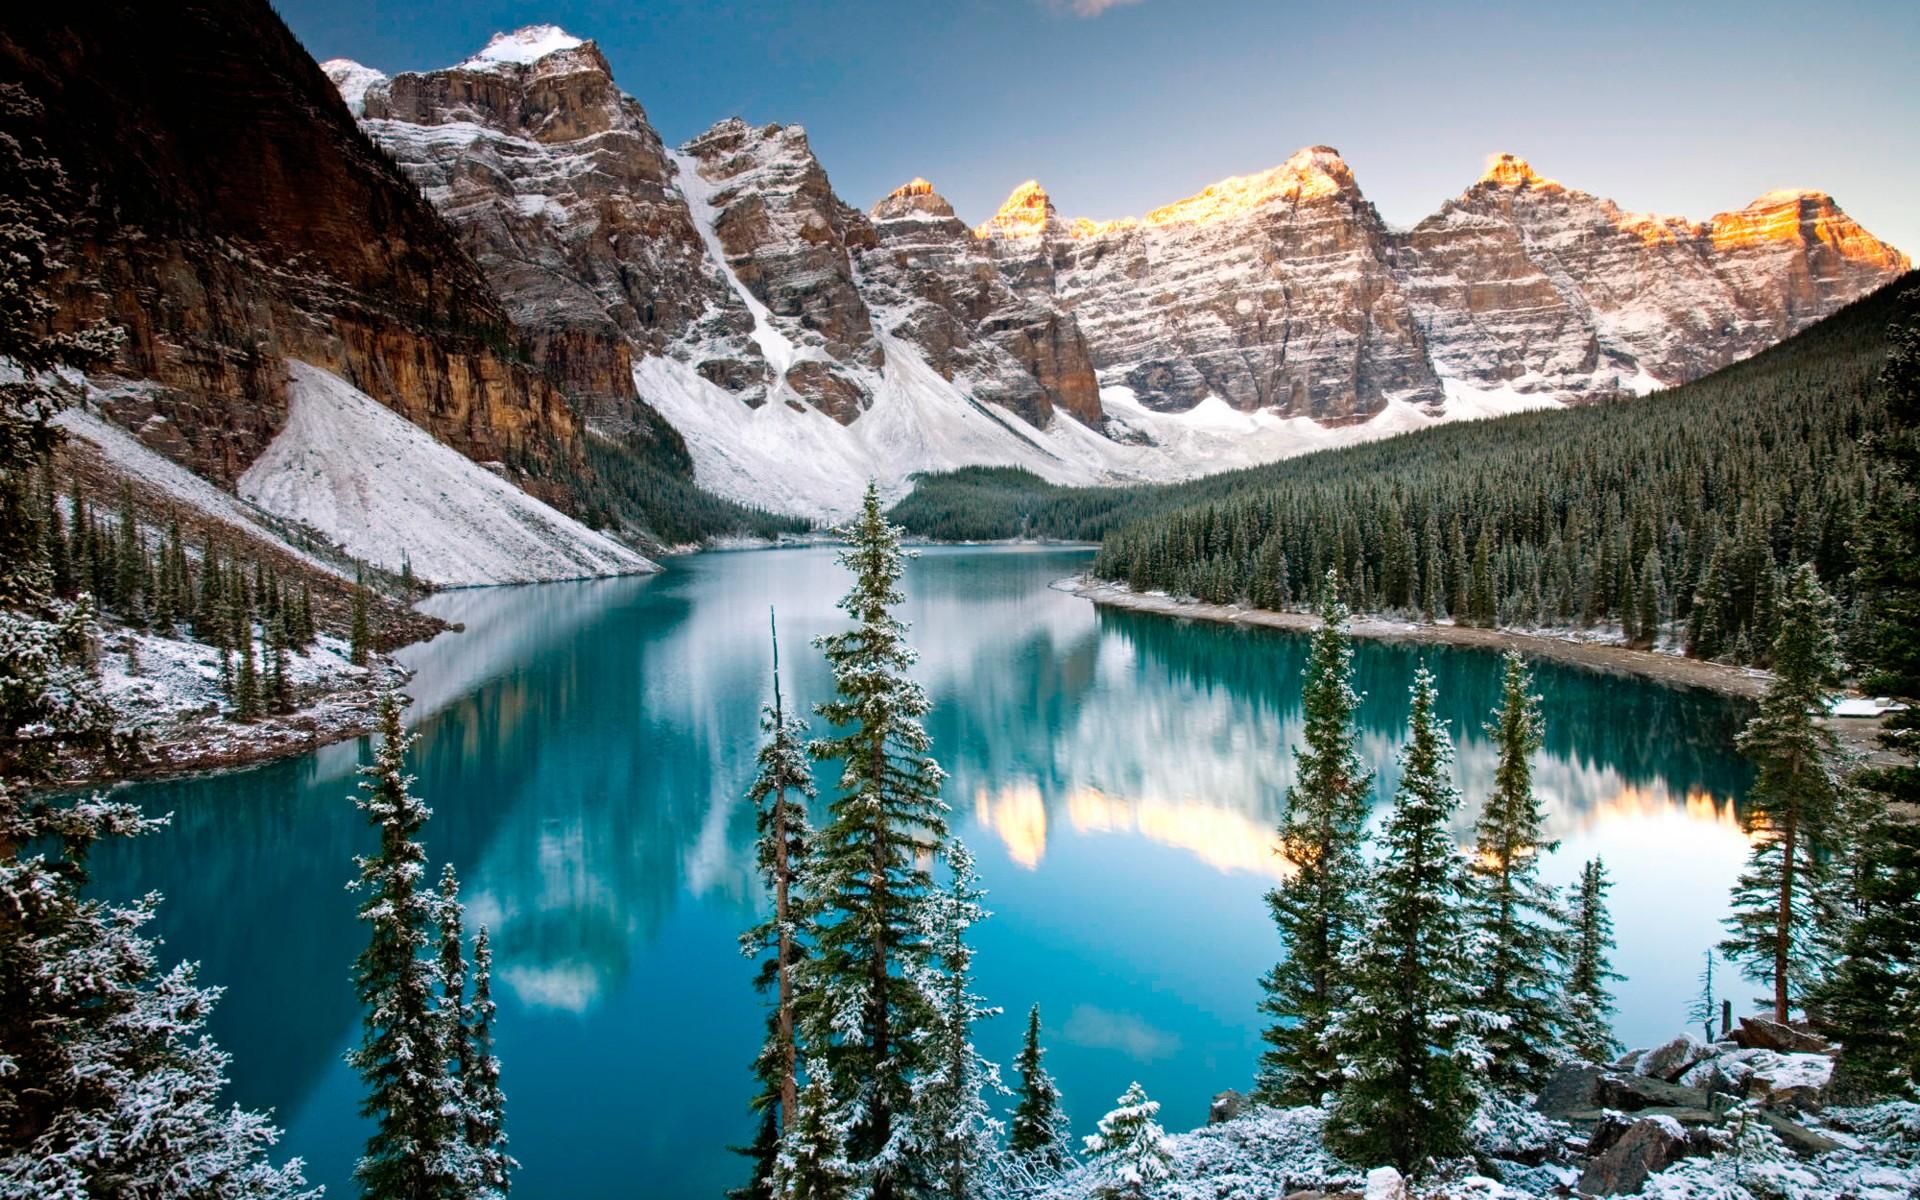 10 địa điểm du lịch trên thế giới chỉ đẹp lung linh khi vào mùa đông